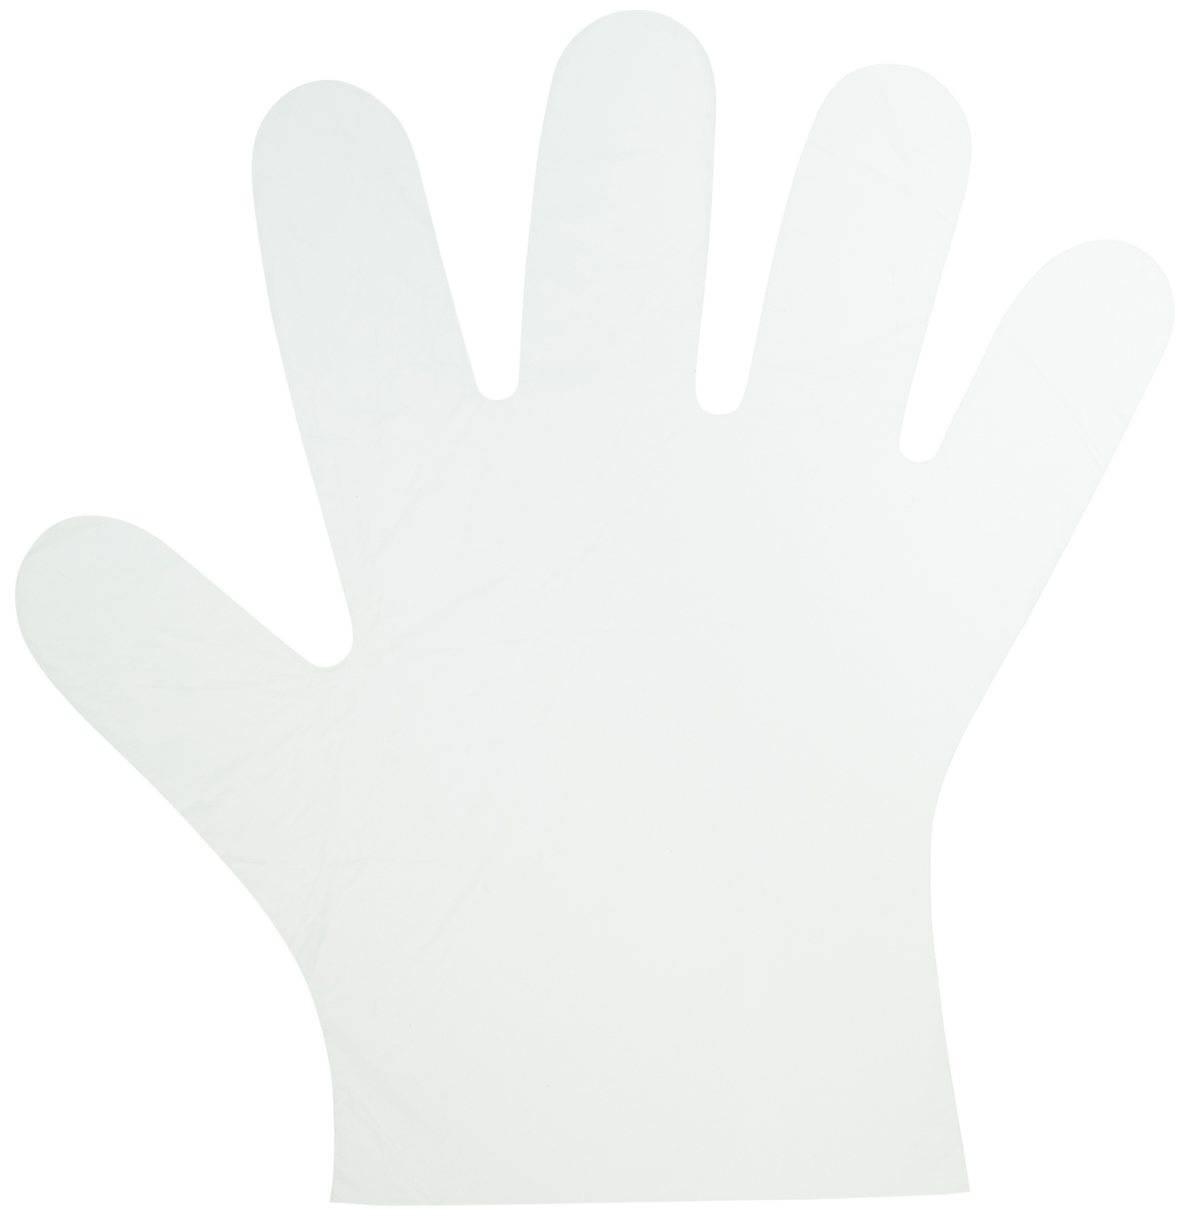 10000 sztuk - Foliowe rękawiczki jednorazowe HDPE 10um grube